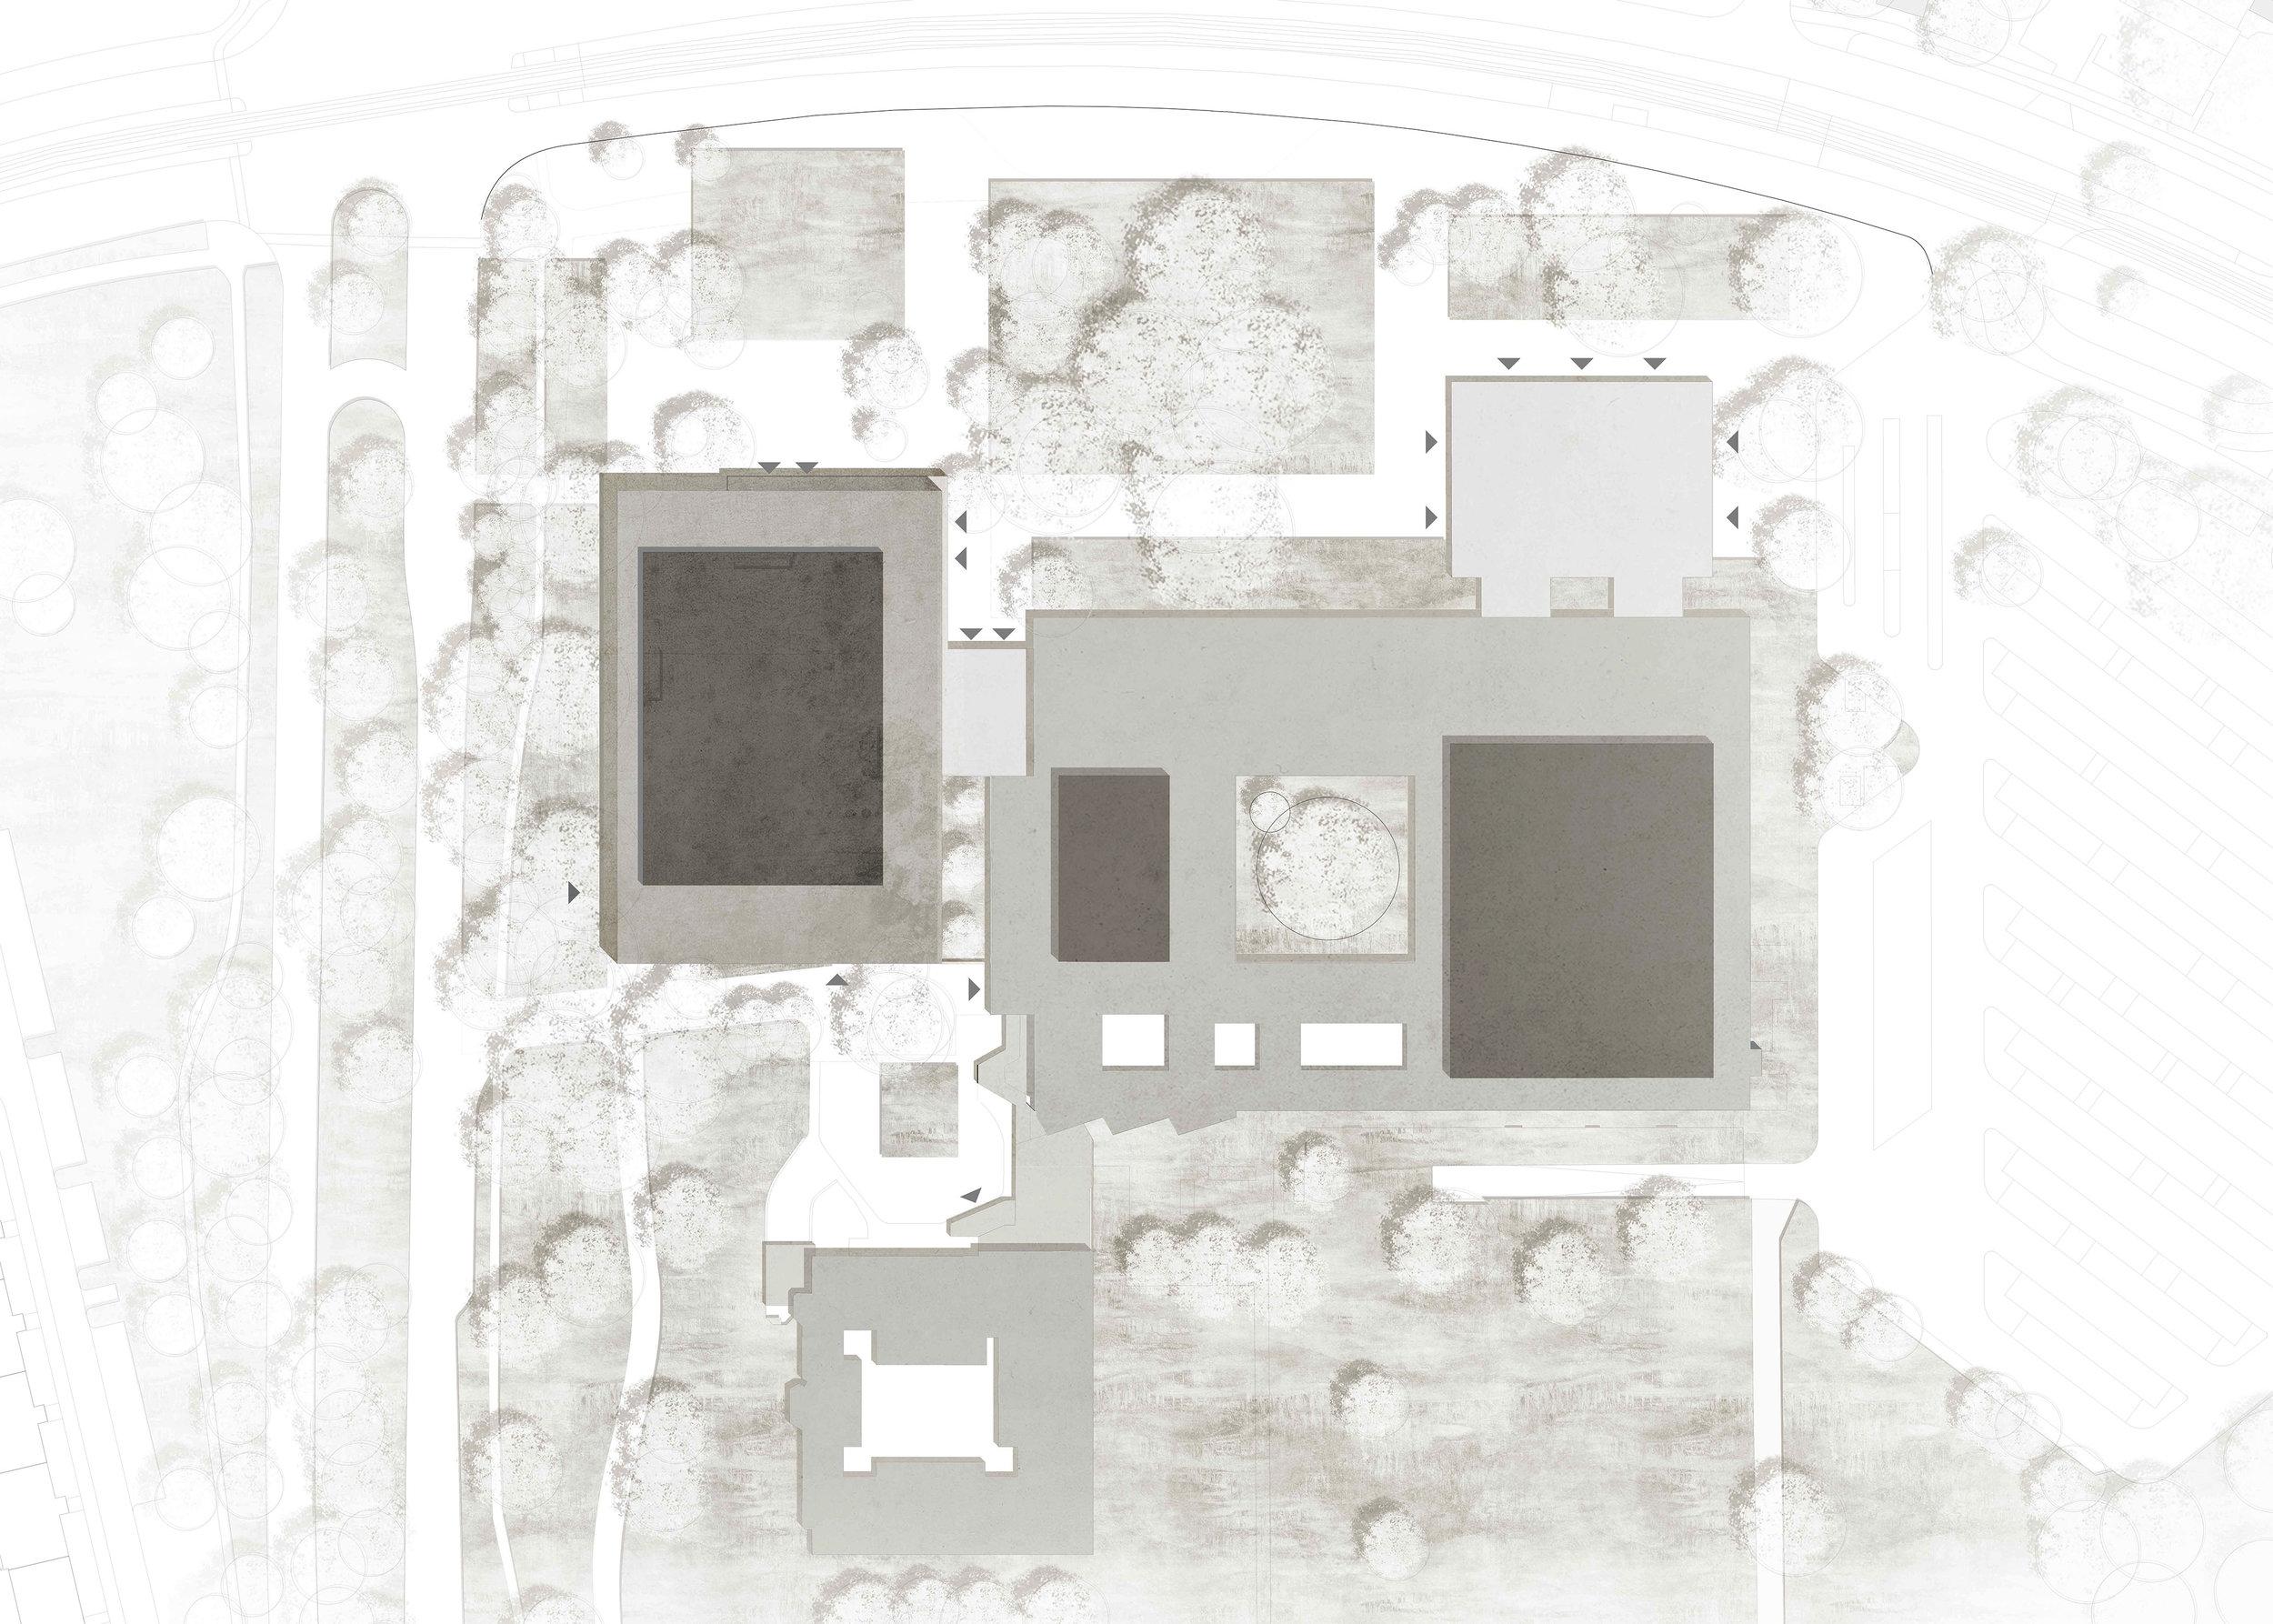 Lageplan_web.jpg